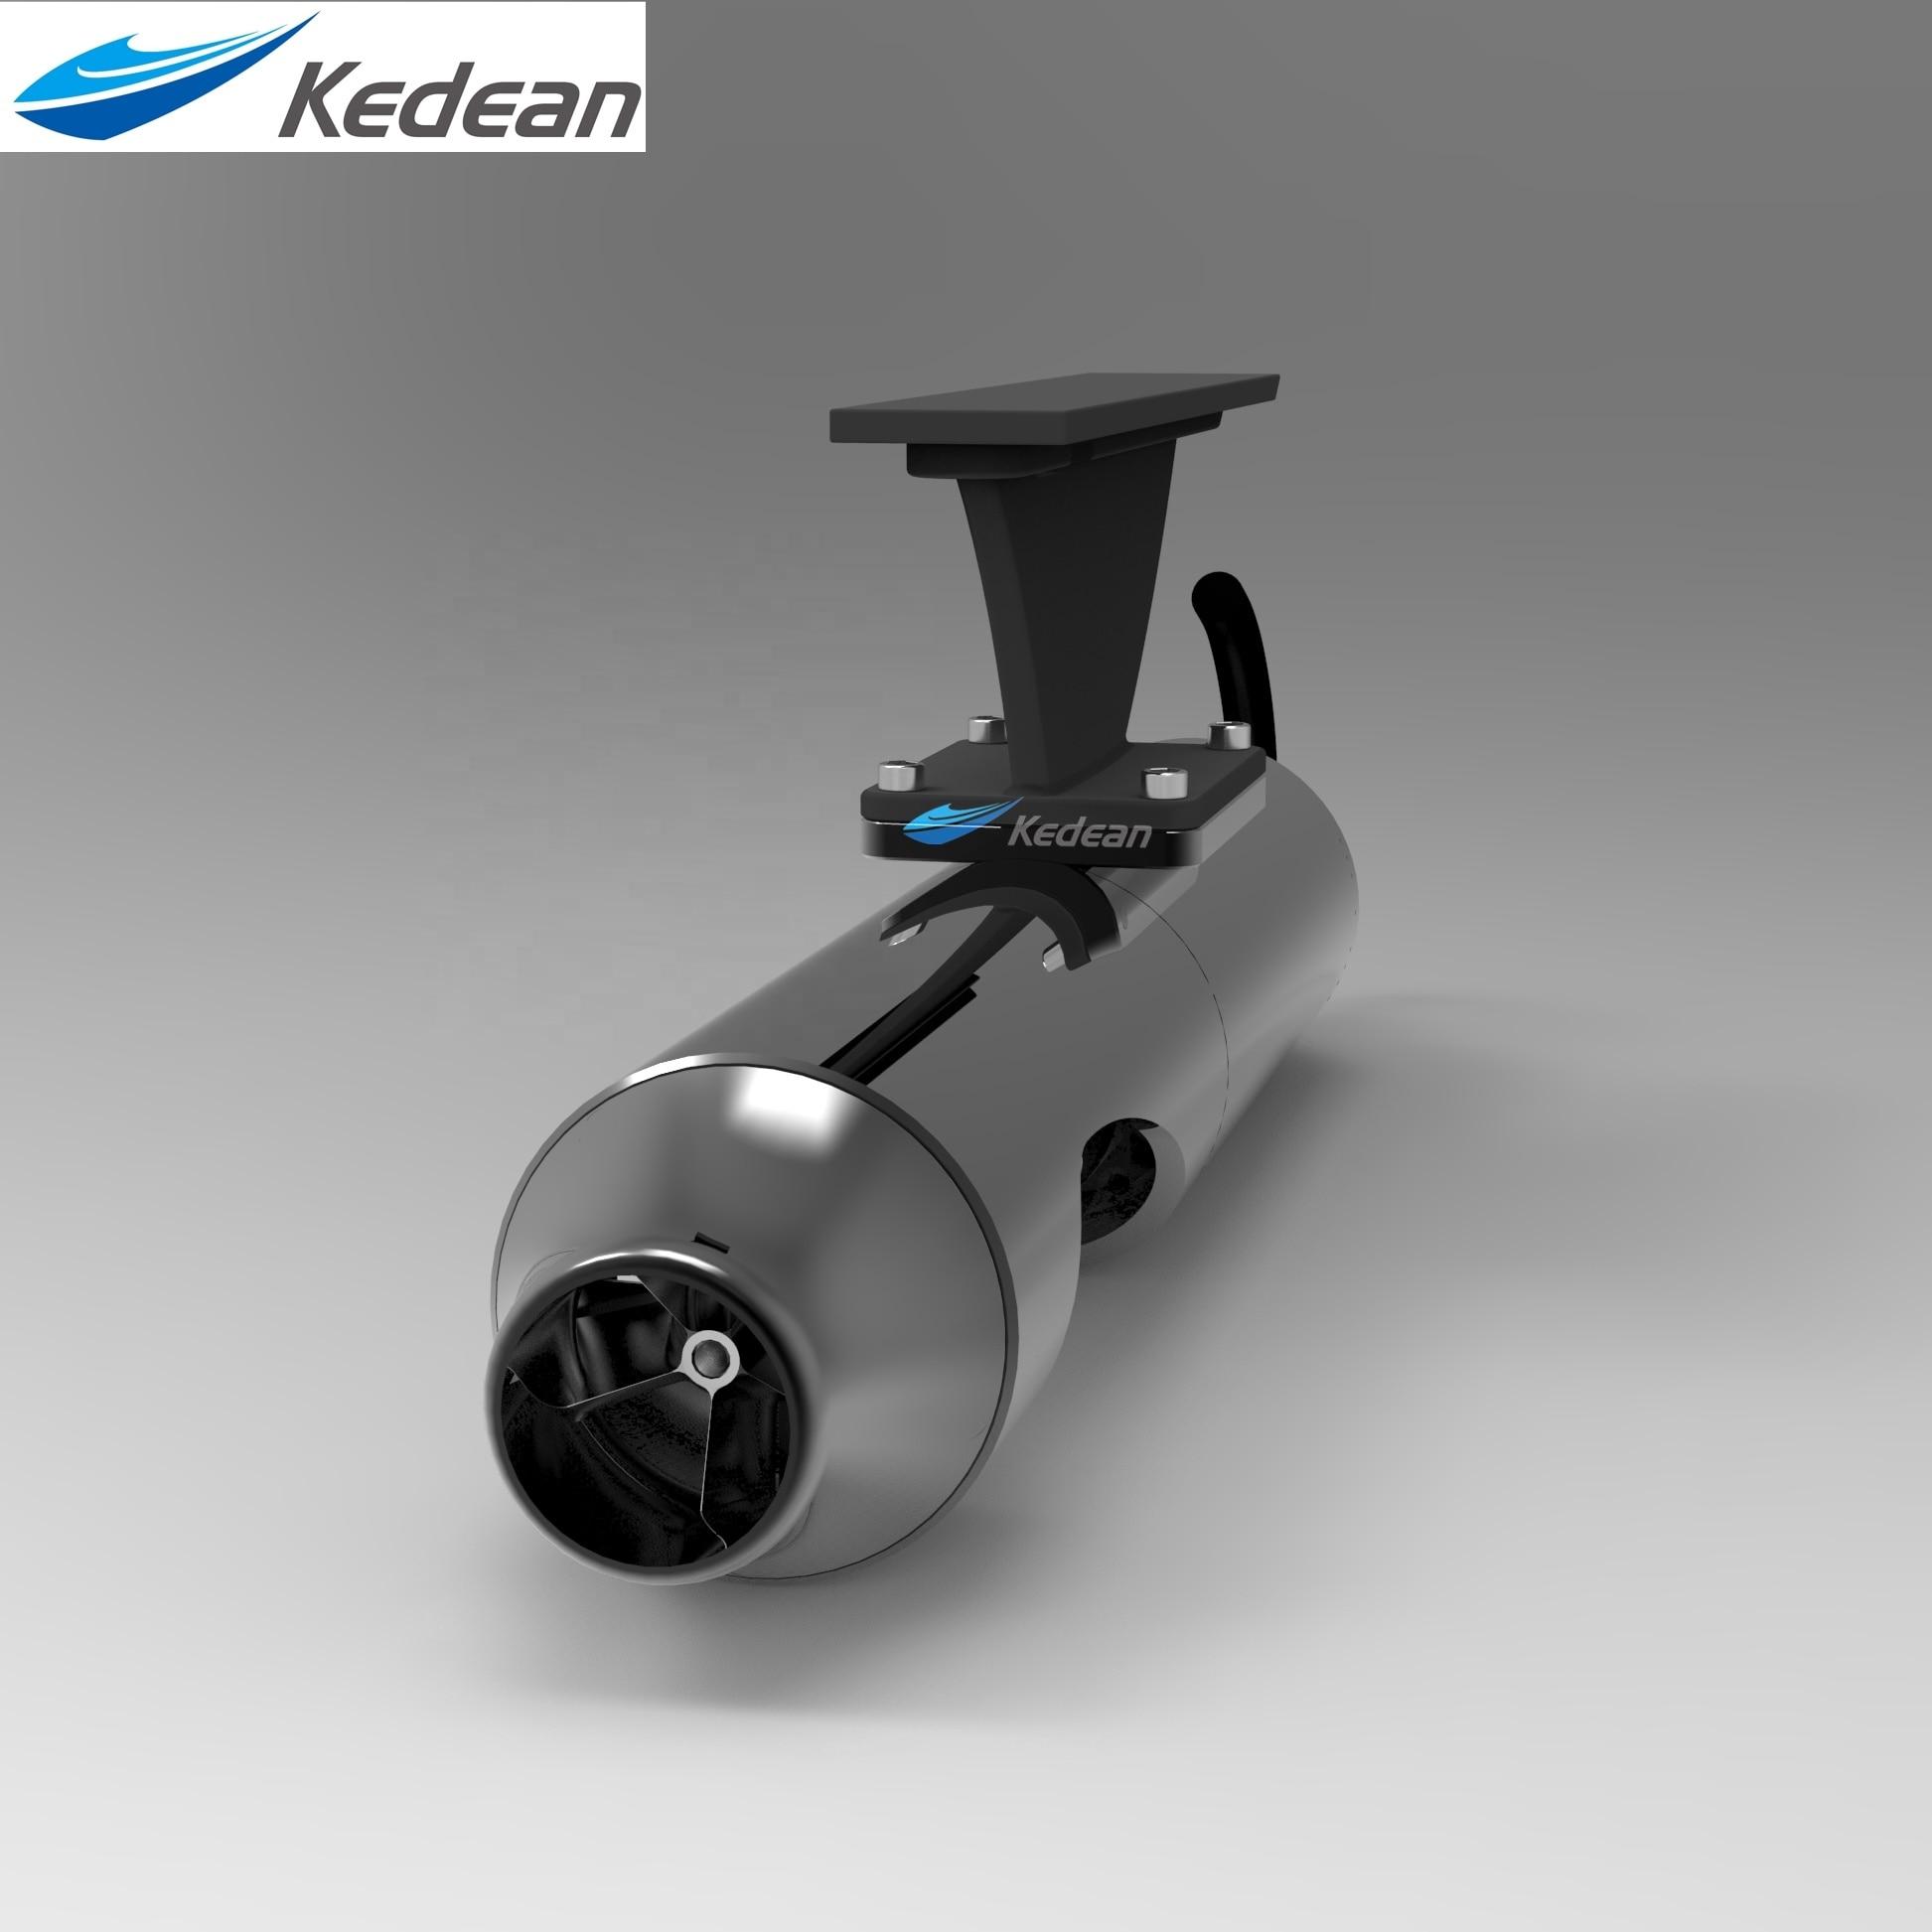 Elica elettrico SUP tavola da surf propulsori elettrico jet pinne Ultimi prodotti brevettati Marine elica motore elettrico fin 2800W